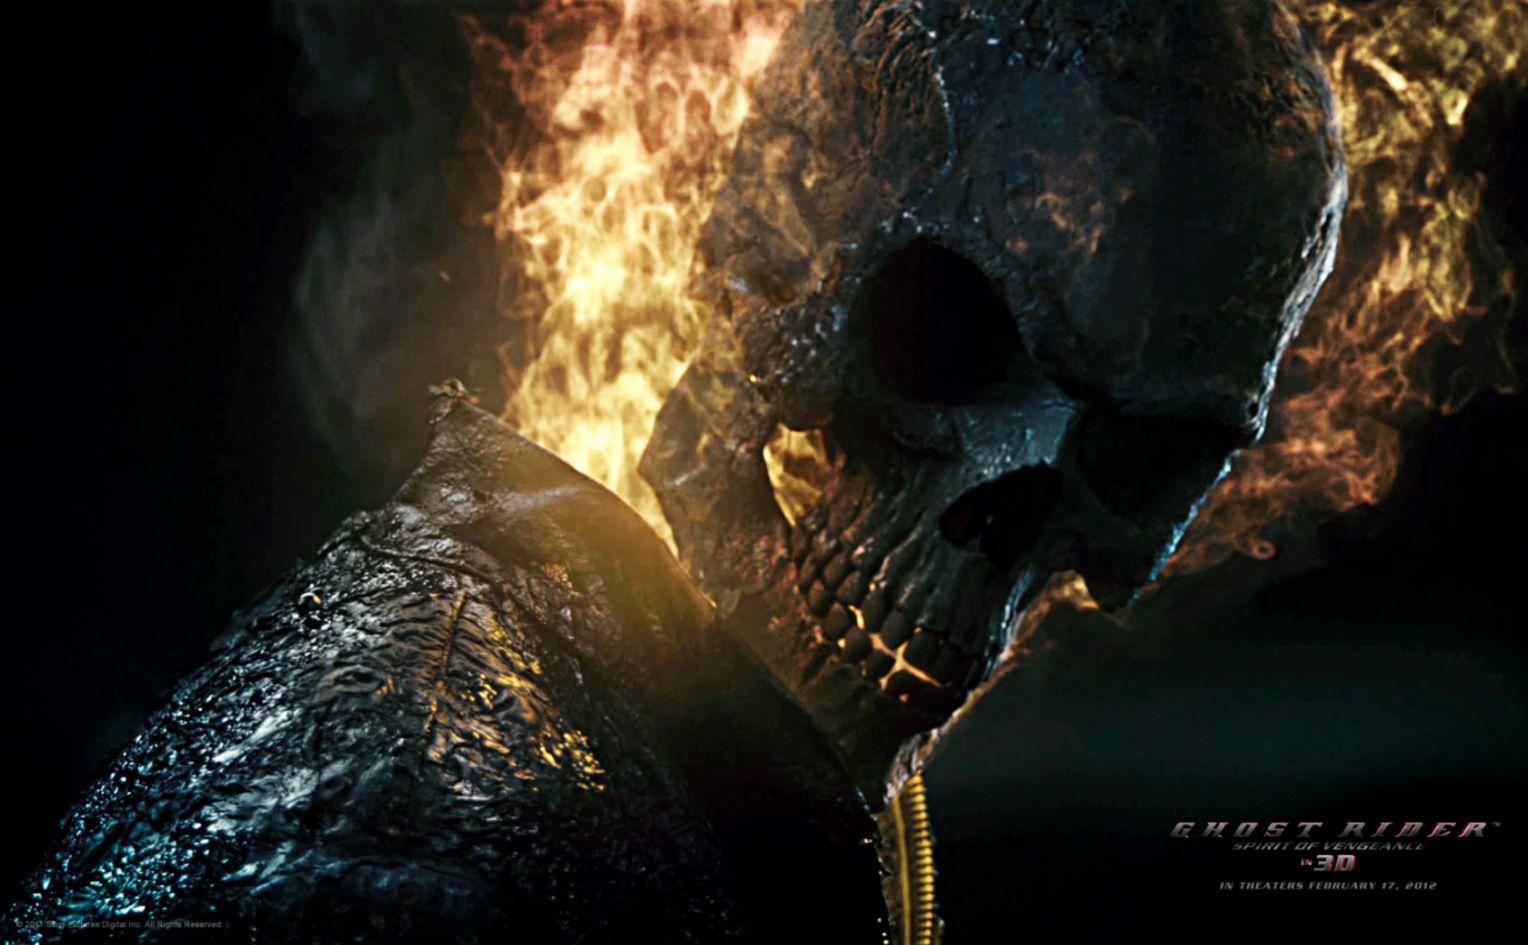 Ghost Rider Spirit Of Vengeance Skull Wallpapers